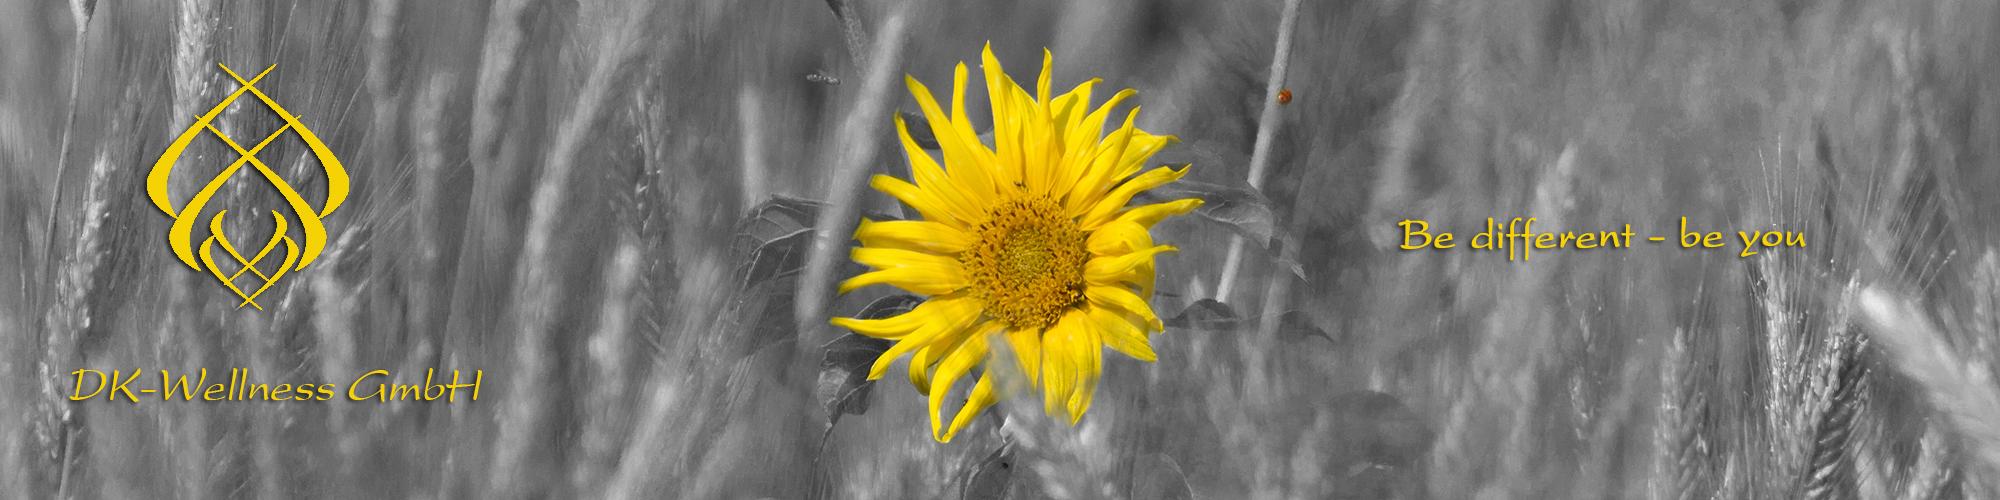 header bild sonnenblume